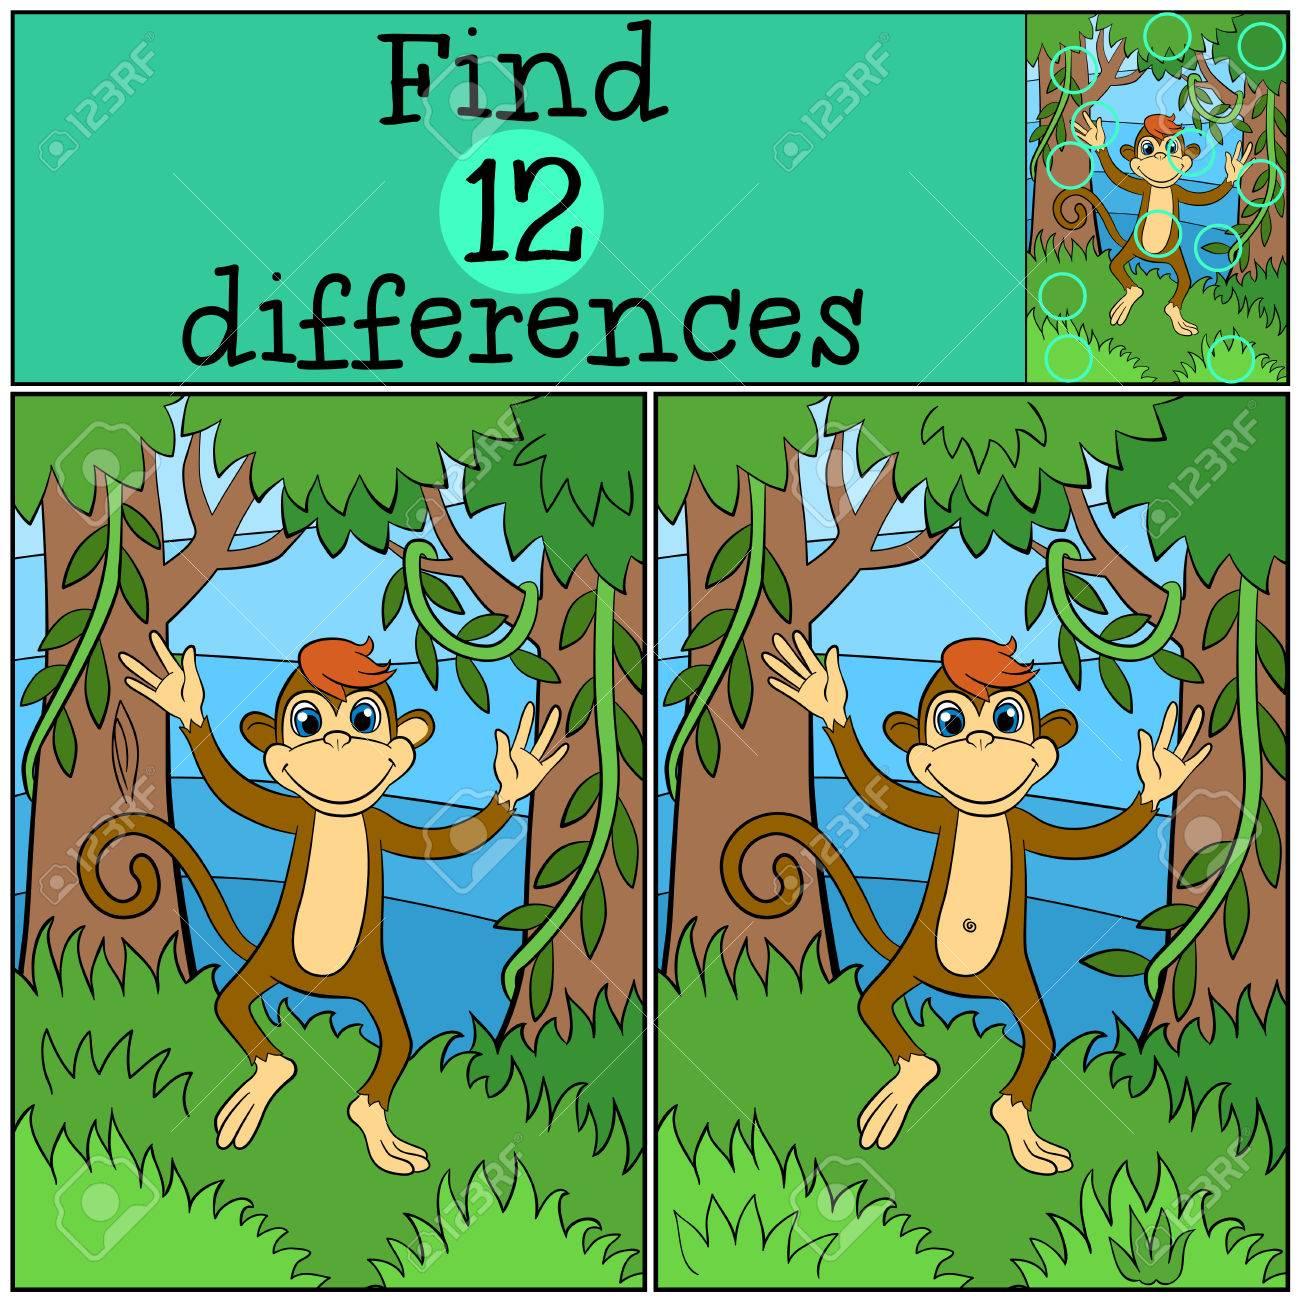 juegos infantiles encuentra las diferencias pequeas carreras mono lindo y sonrisas en el bosque with infantiles pequeas